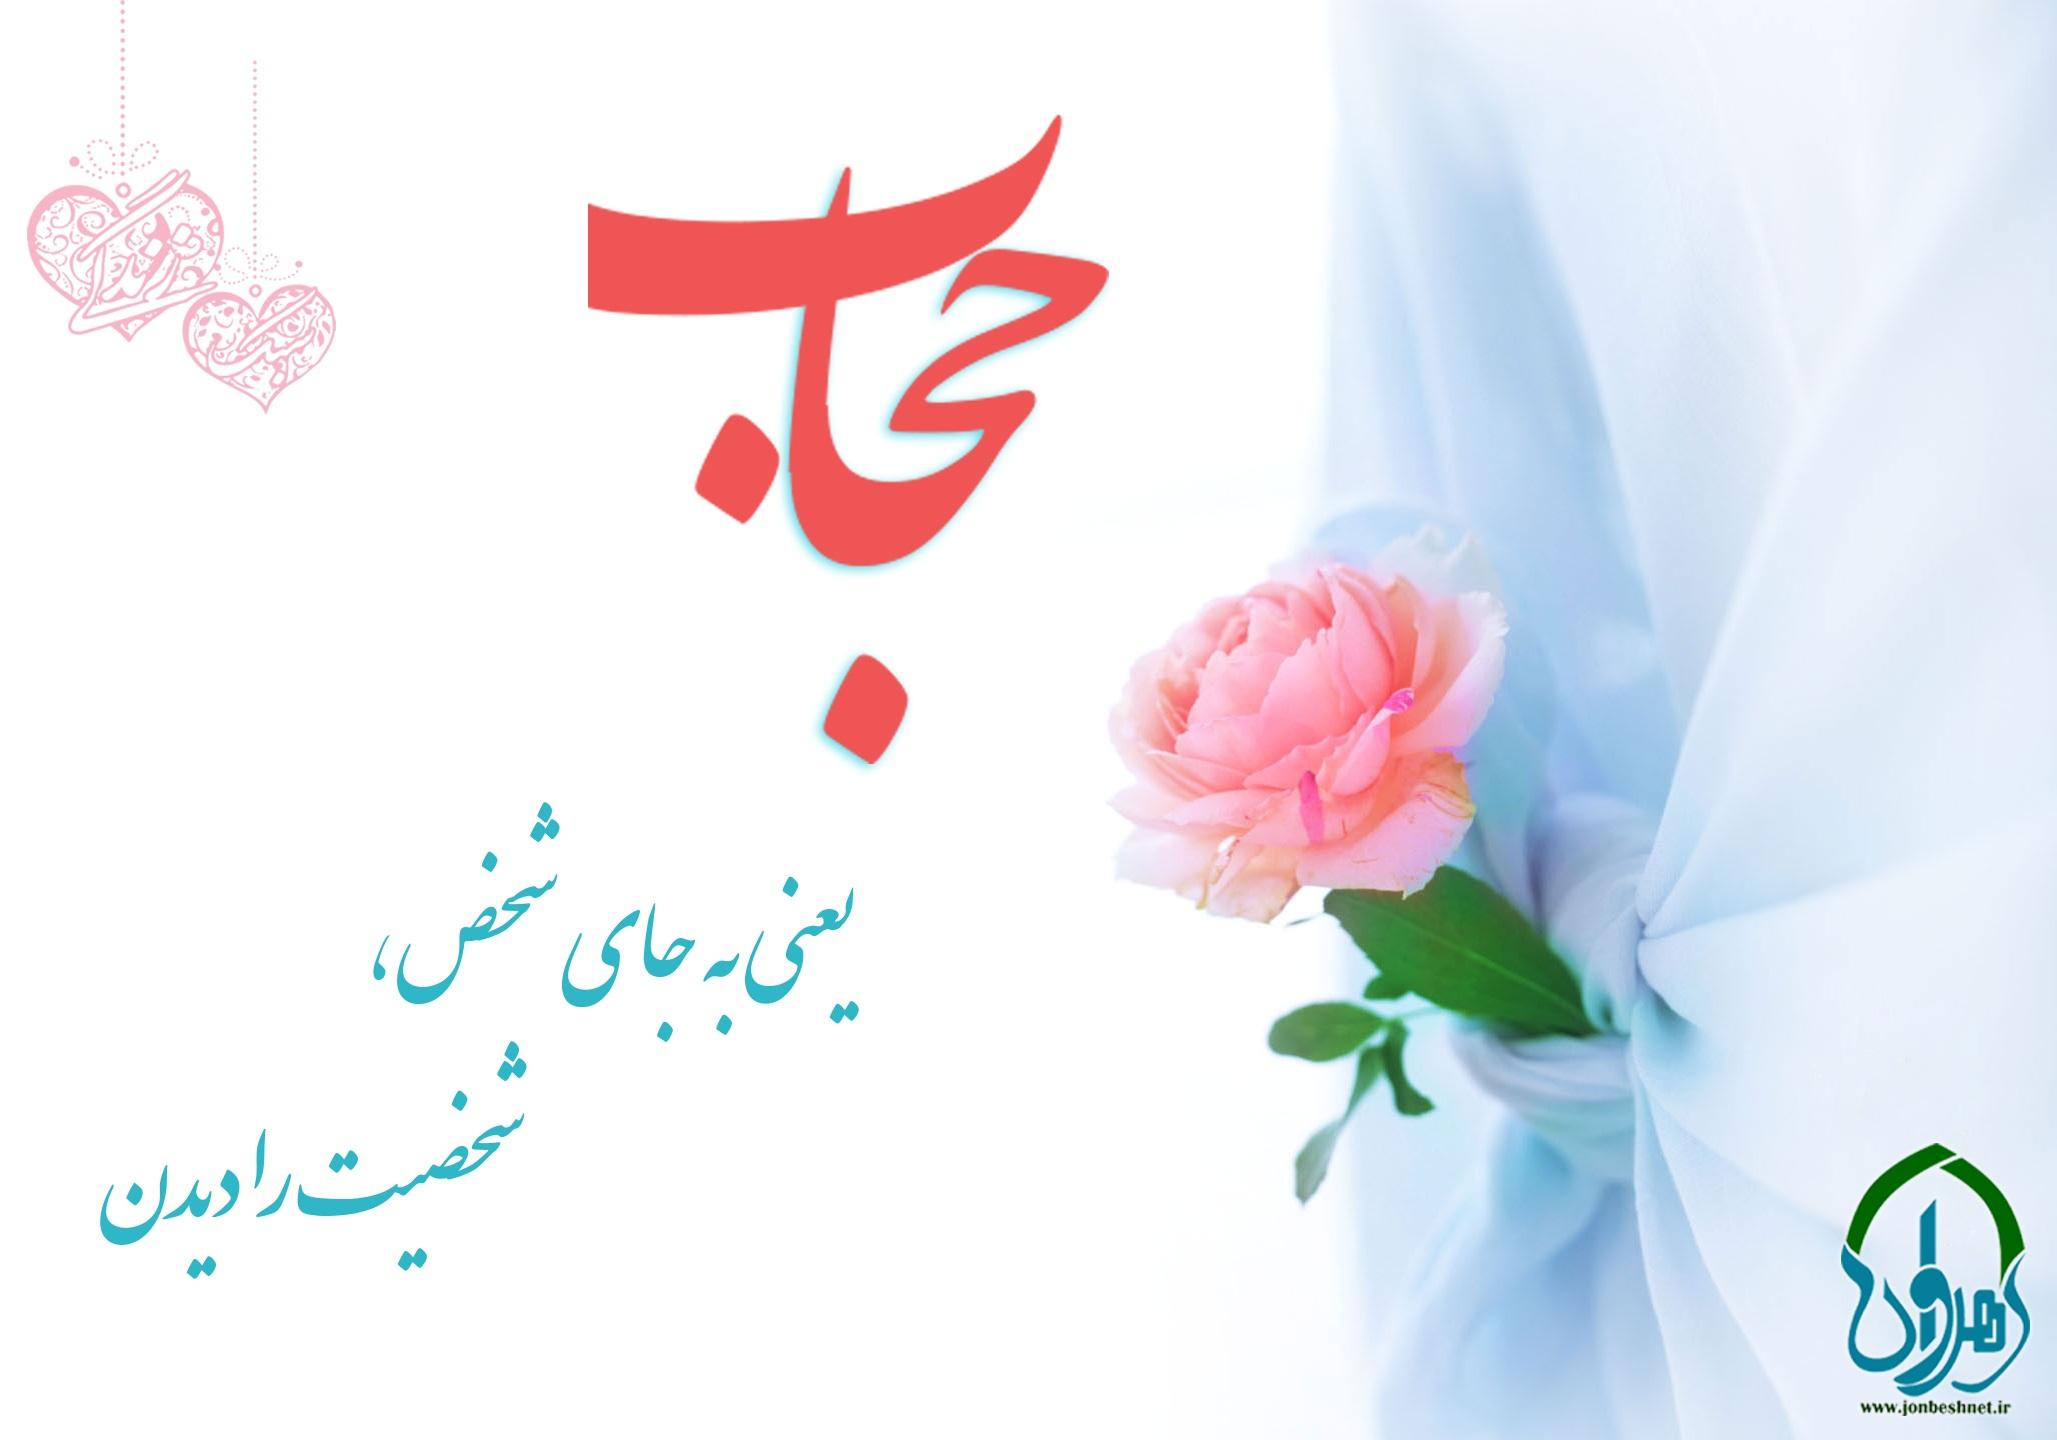 حجاب و حرمت نگاه به نامحرم در قرآن